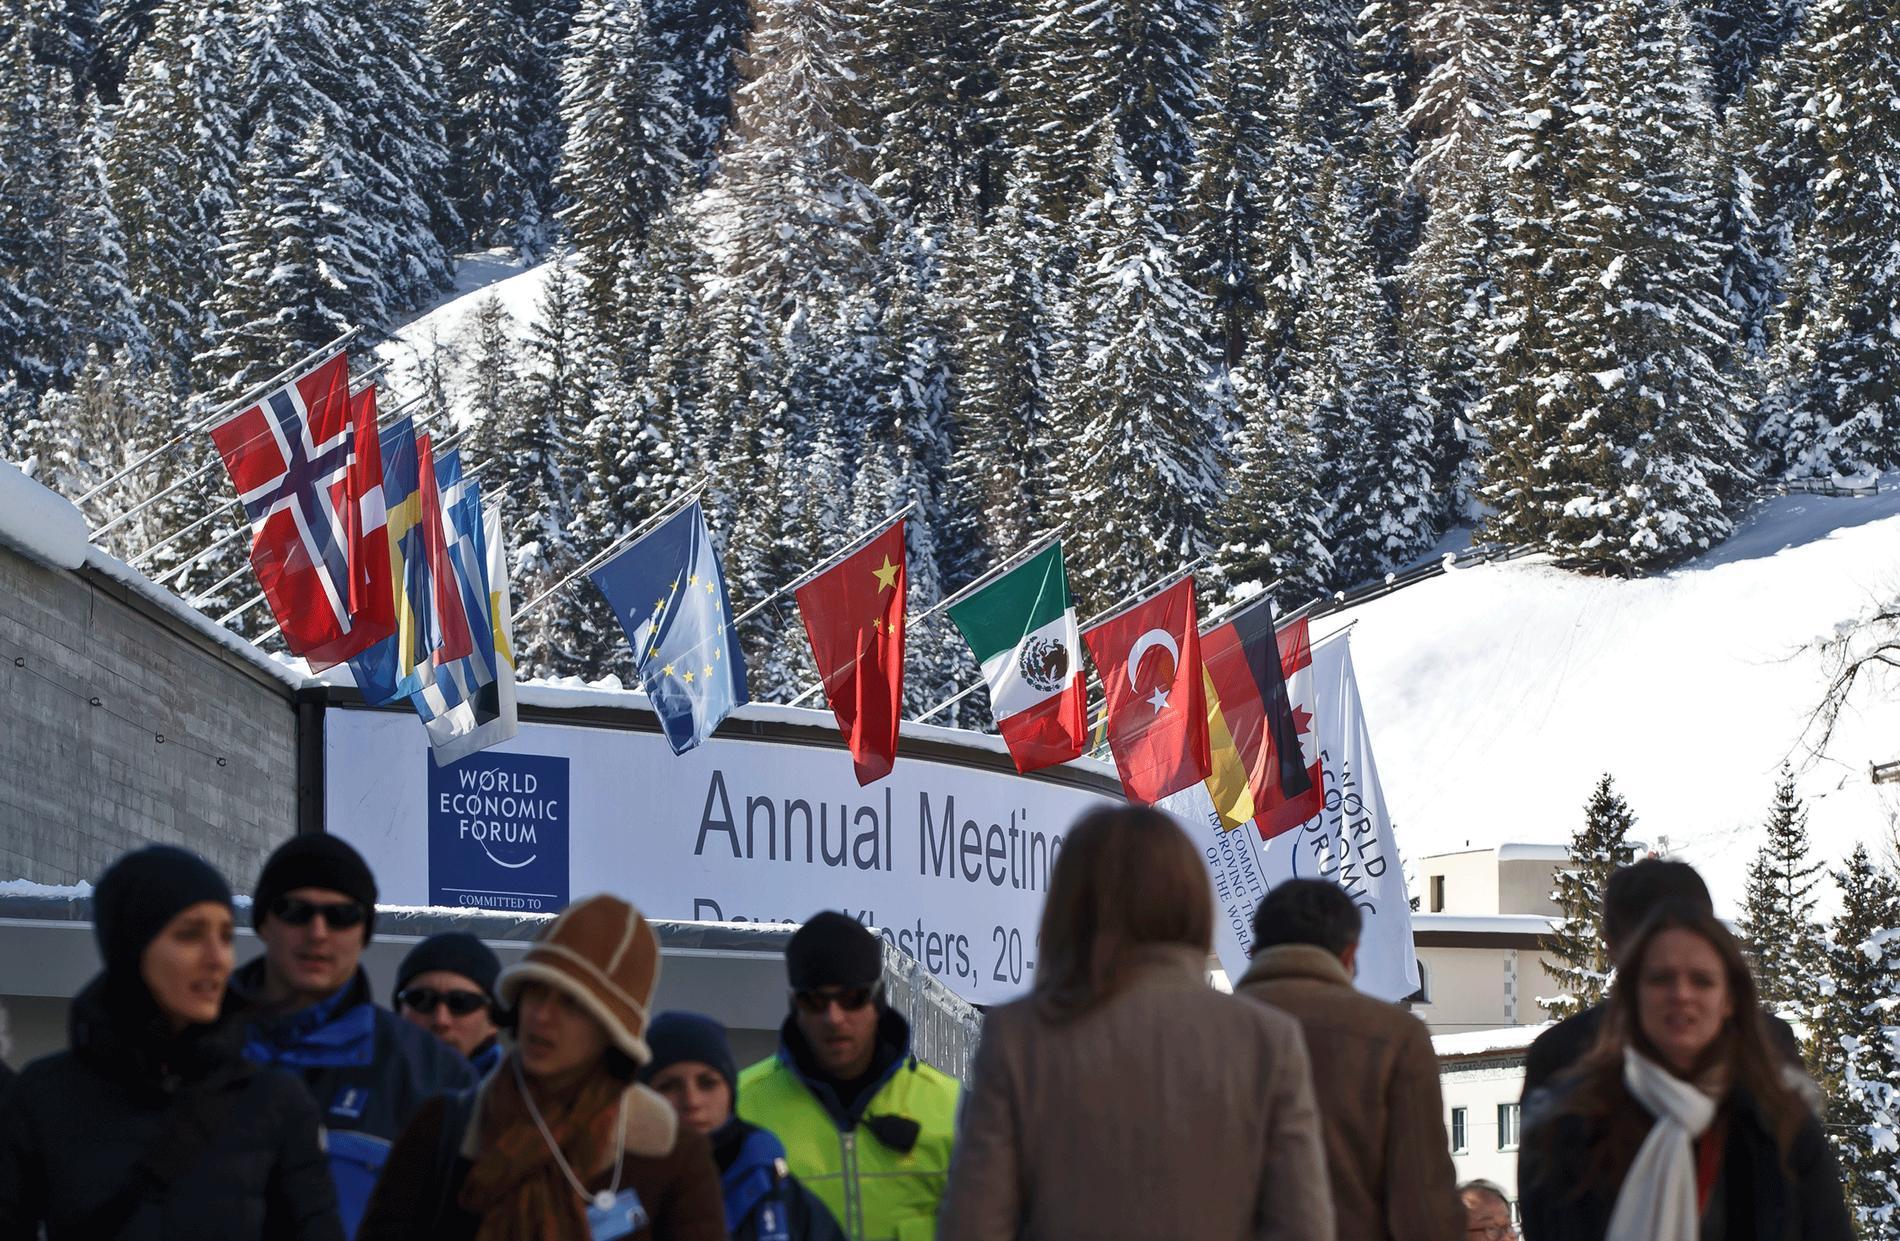 Så här såg det ut för ett år sedan när världens maktelit samlade i skidorten Davos. I dag är det dags igen.